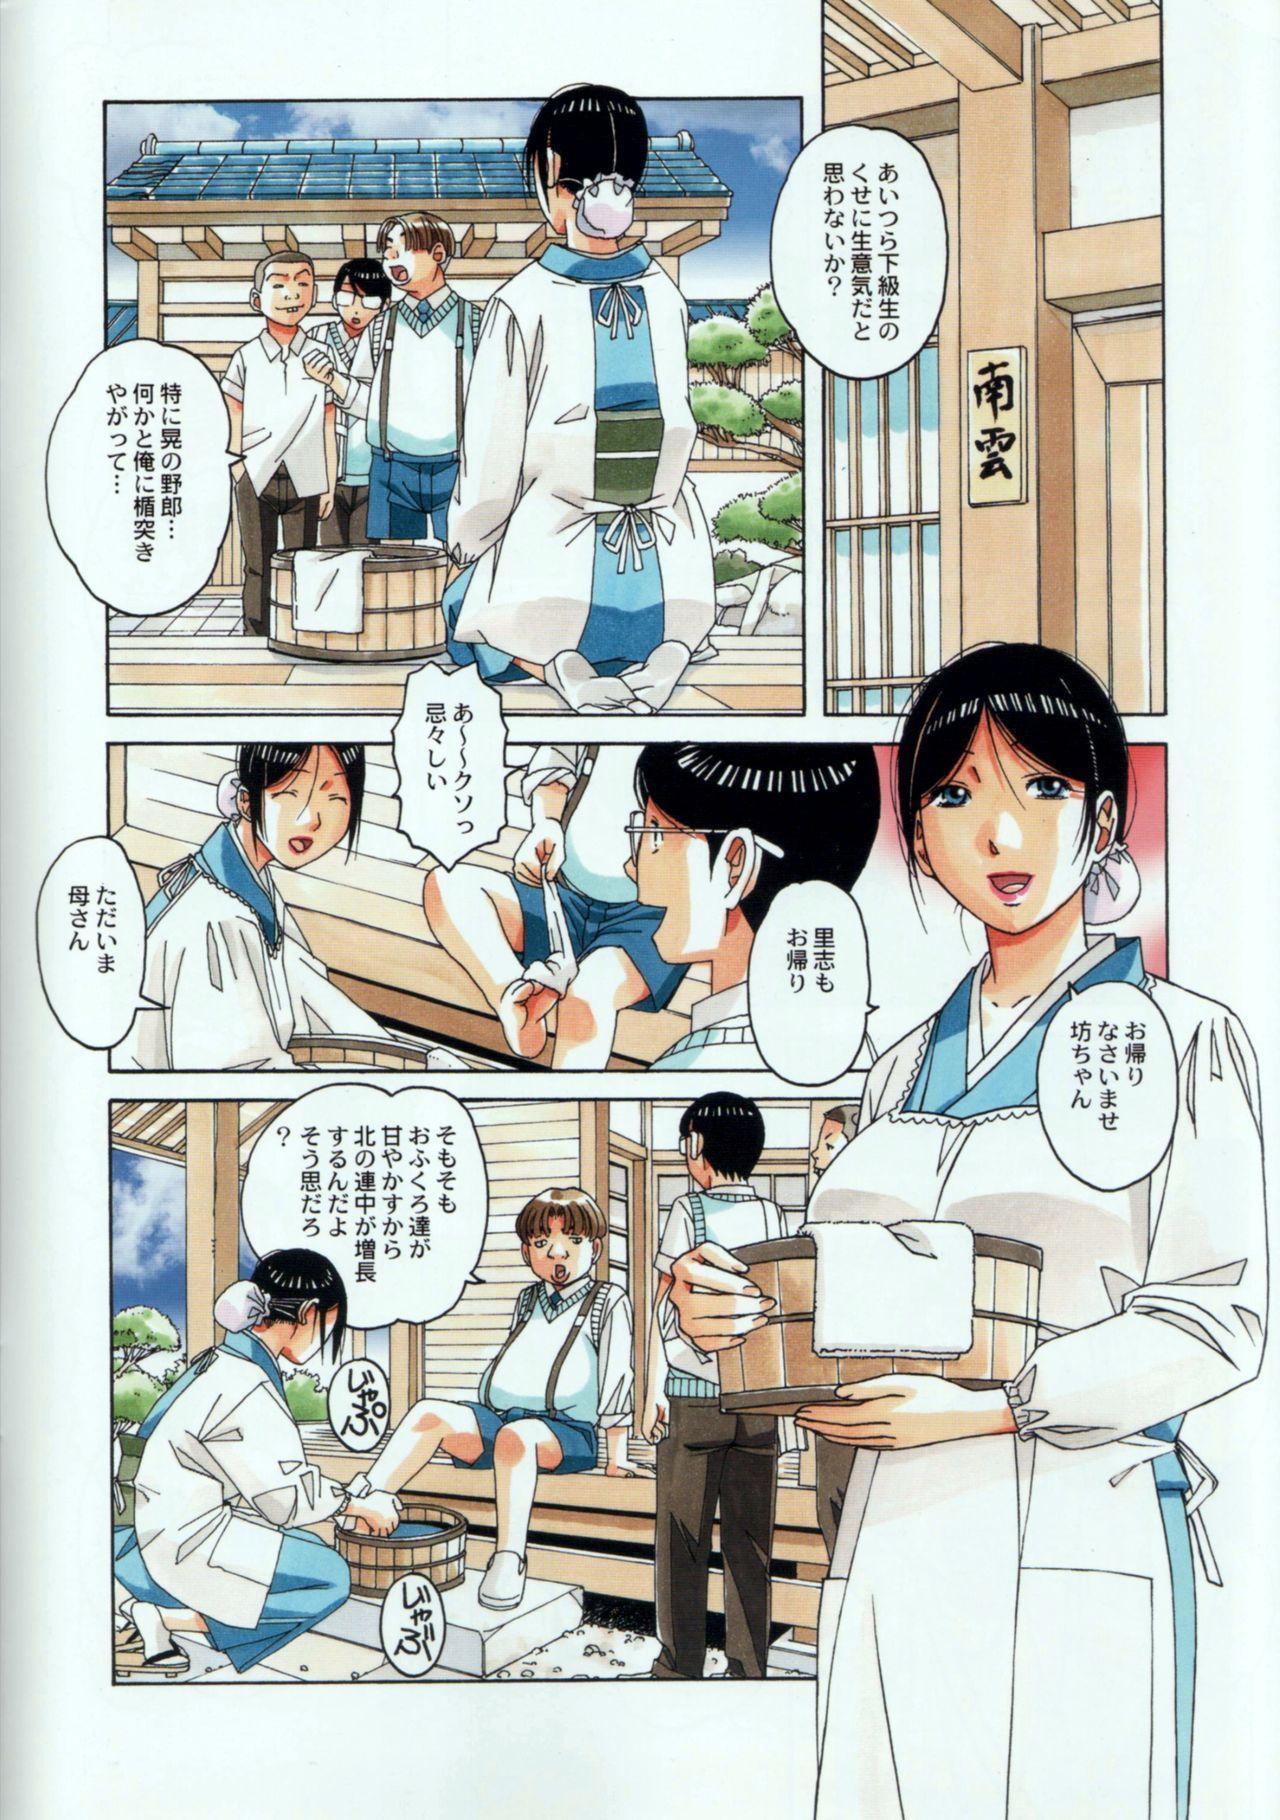 Kainuma Mura no Seikatsu Jijou 1 Gifuyome Chigusa 11